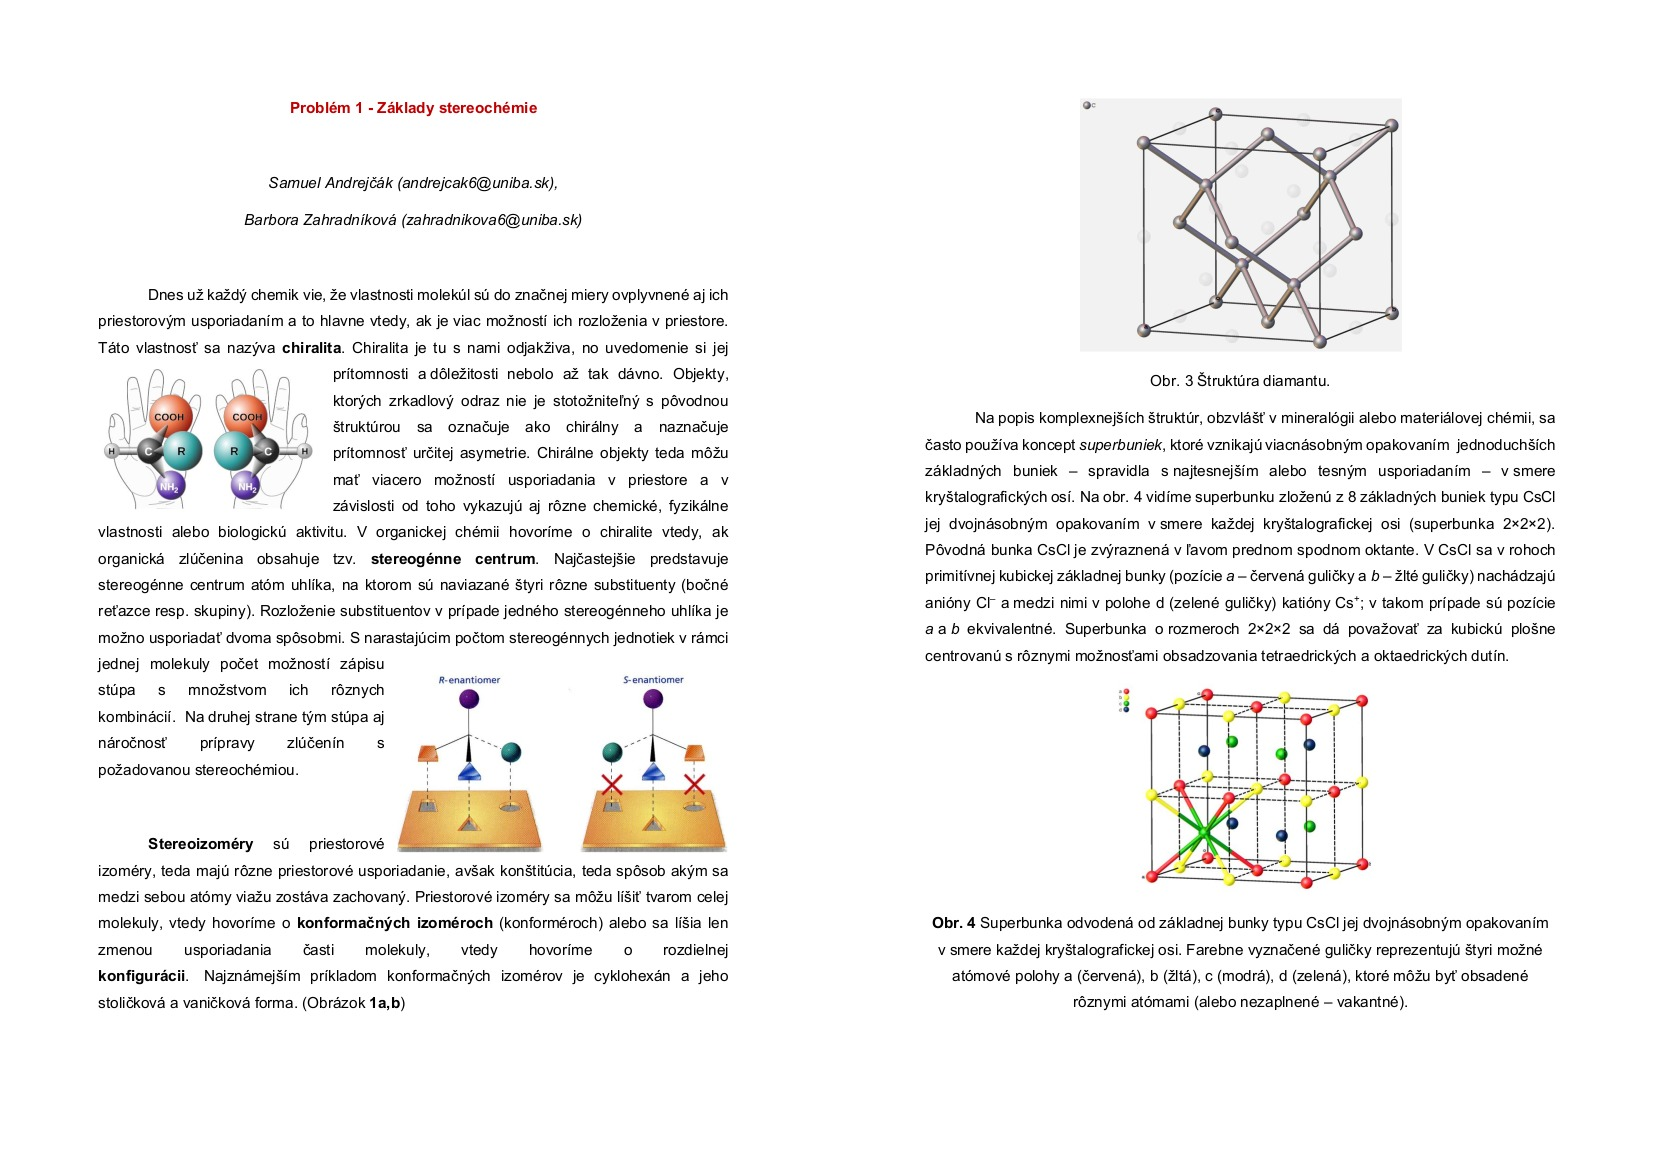 Ilustračný obrázok pre úlohy 1. kola 3. ročníka CHEMoUK-a